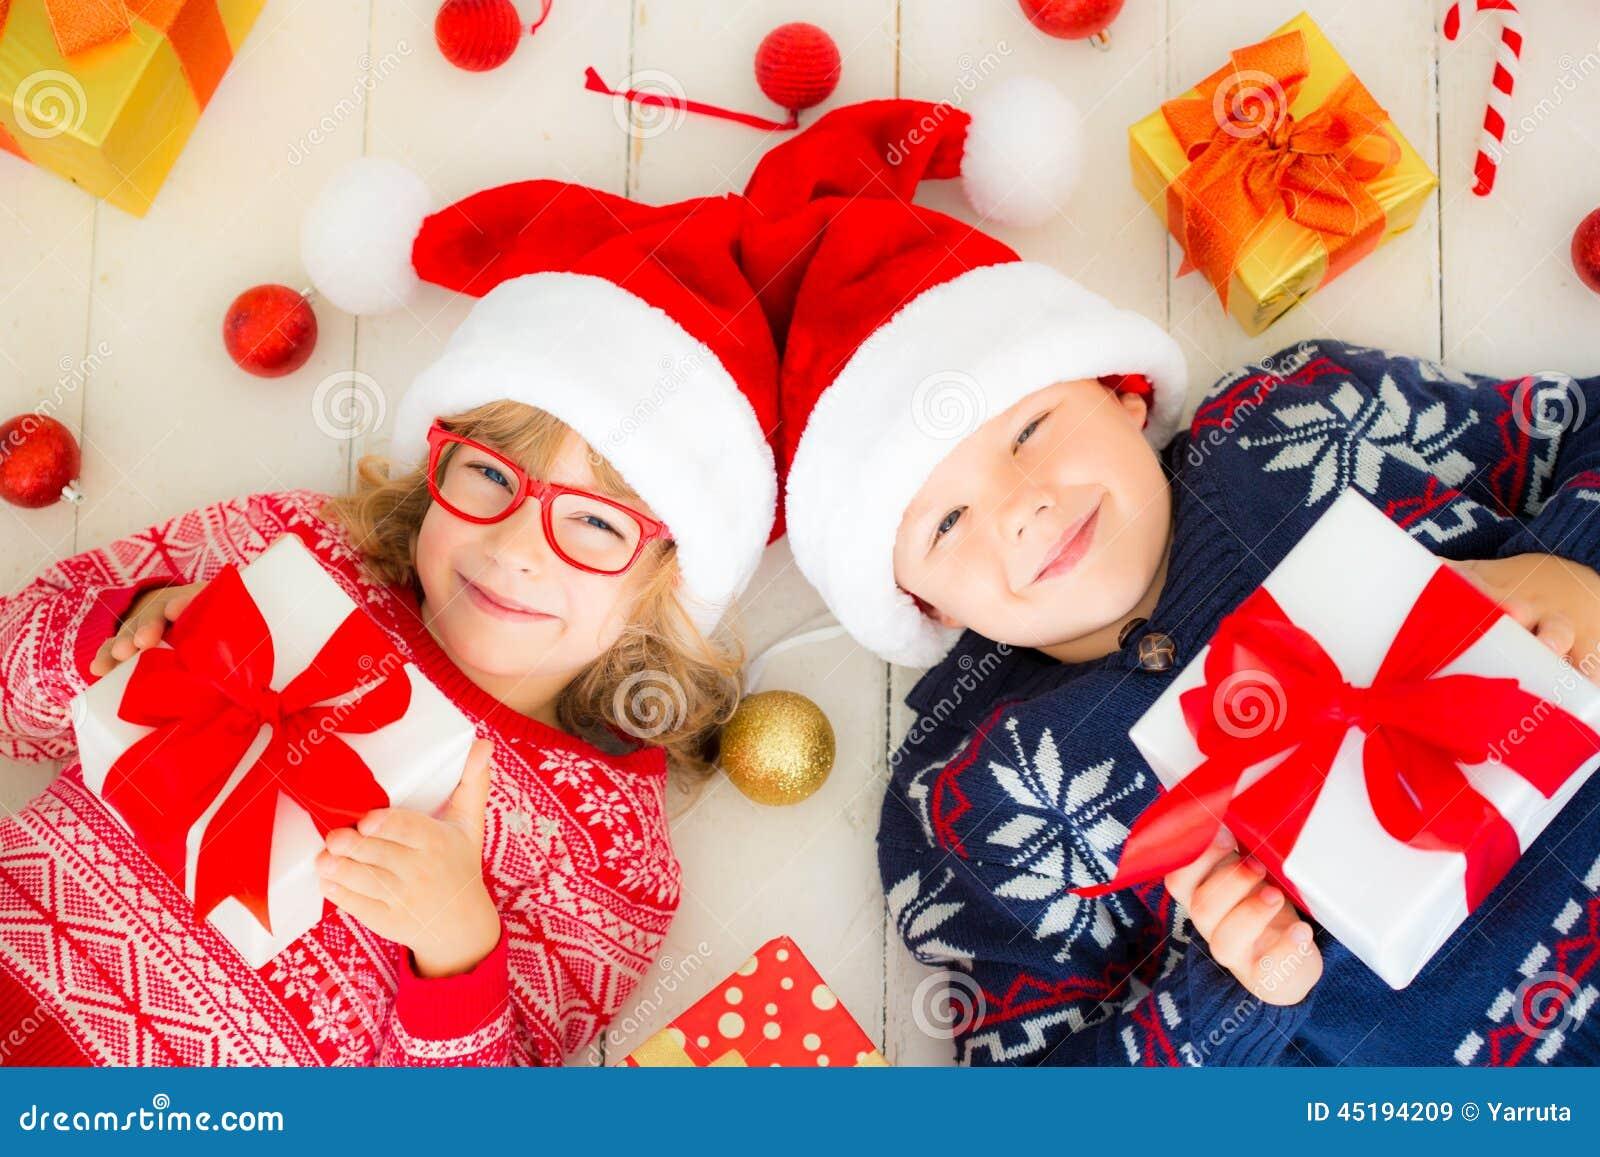 Retrato de crianças felizes com decorações do Natal